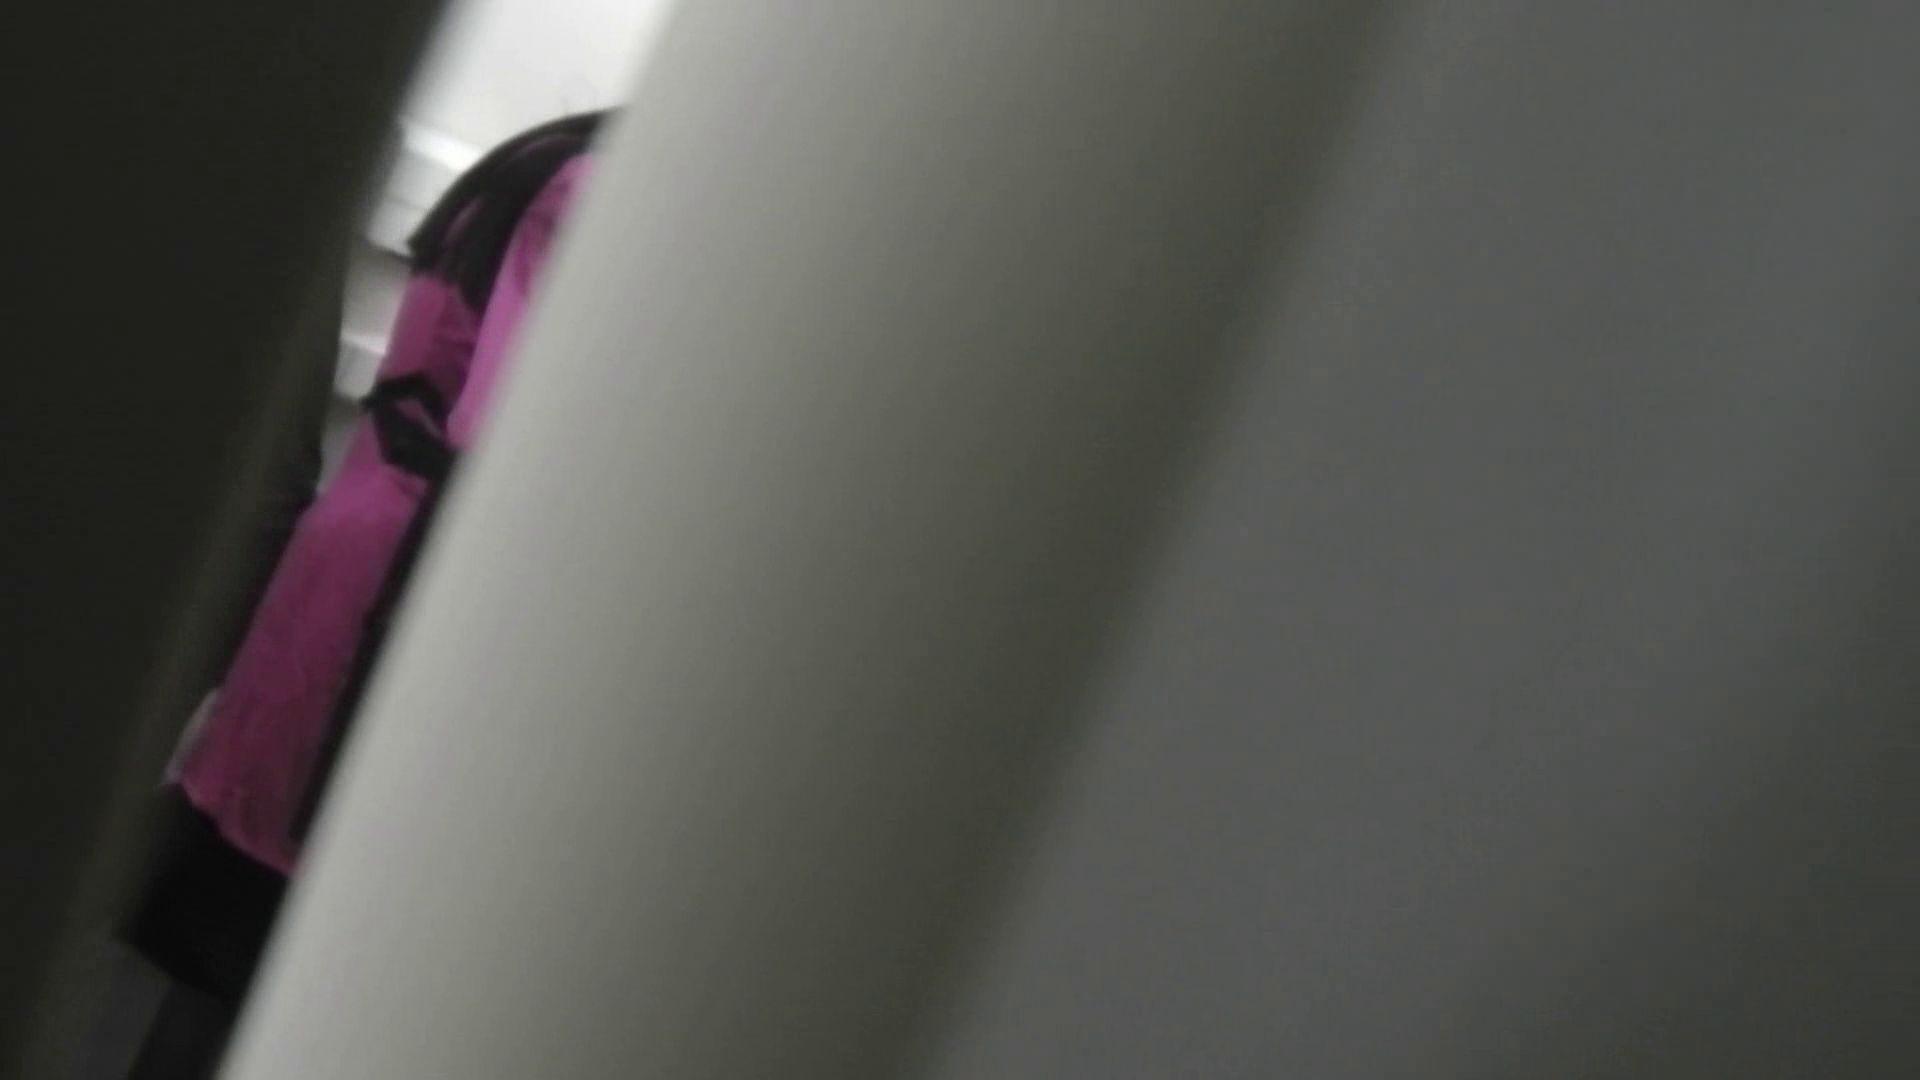 【日本成人用品展览会。超模如云】vol.01 着替|空爆 潜入突撃  103pic 57